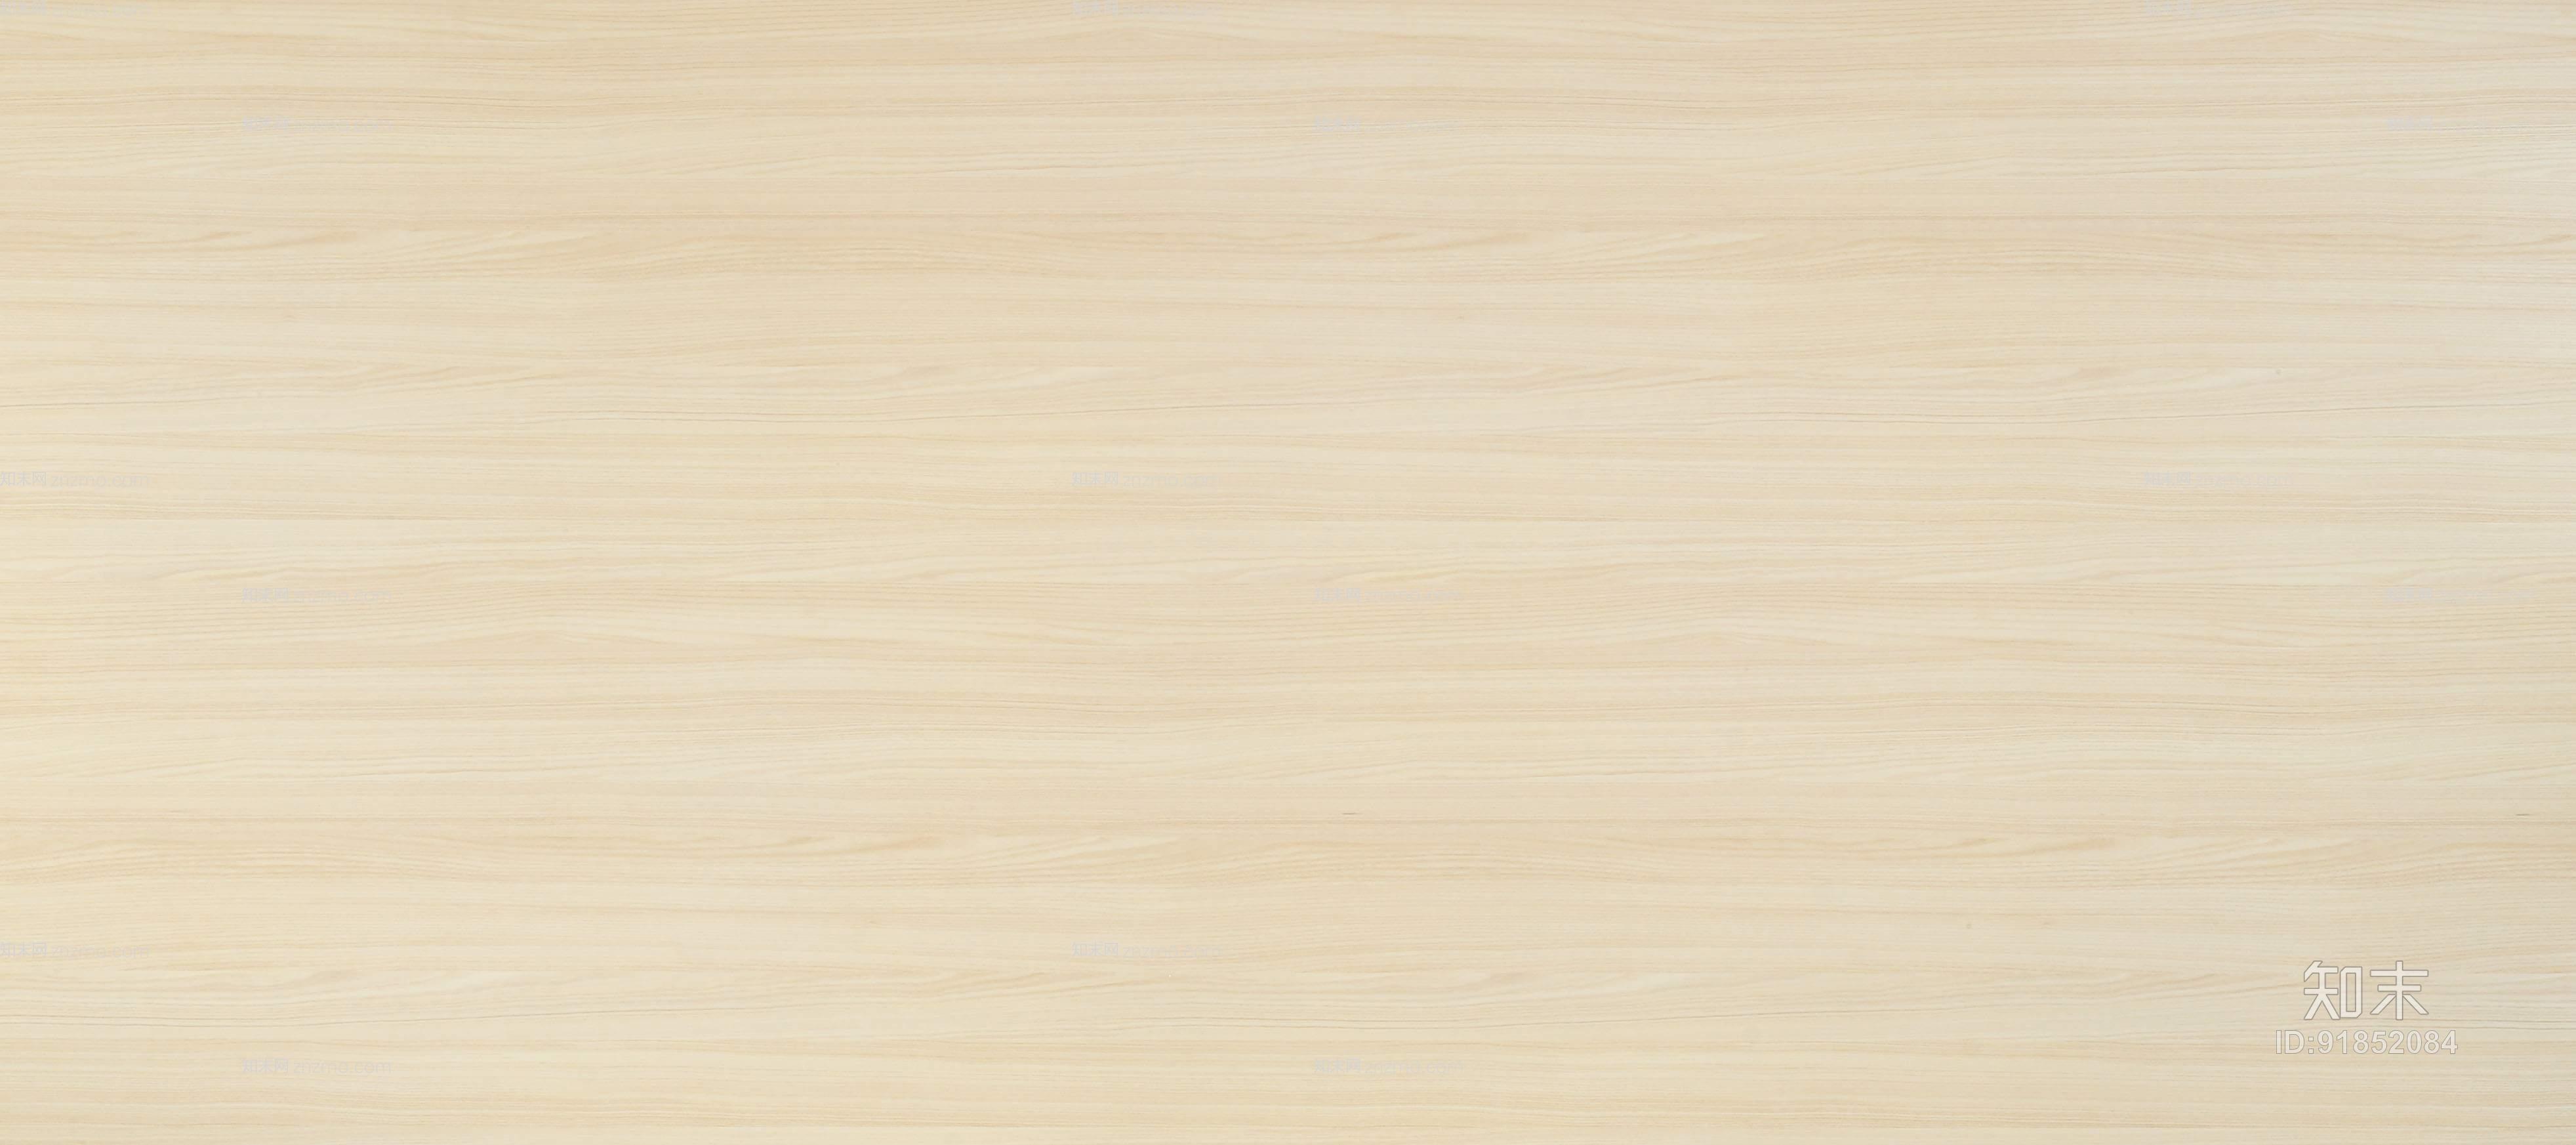 高清木纹贴图31